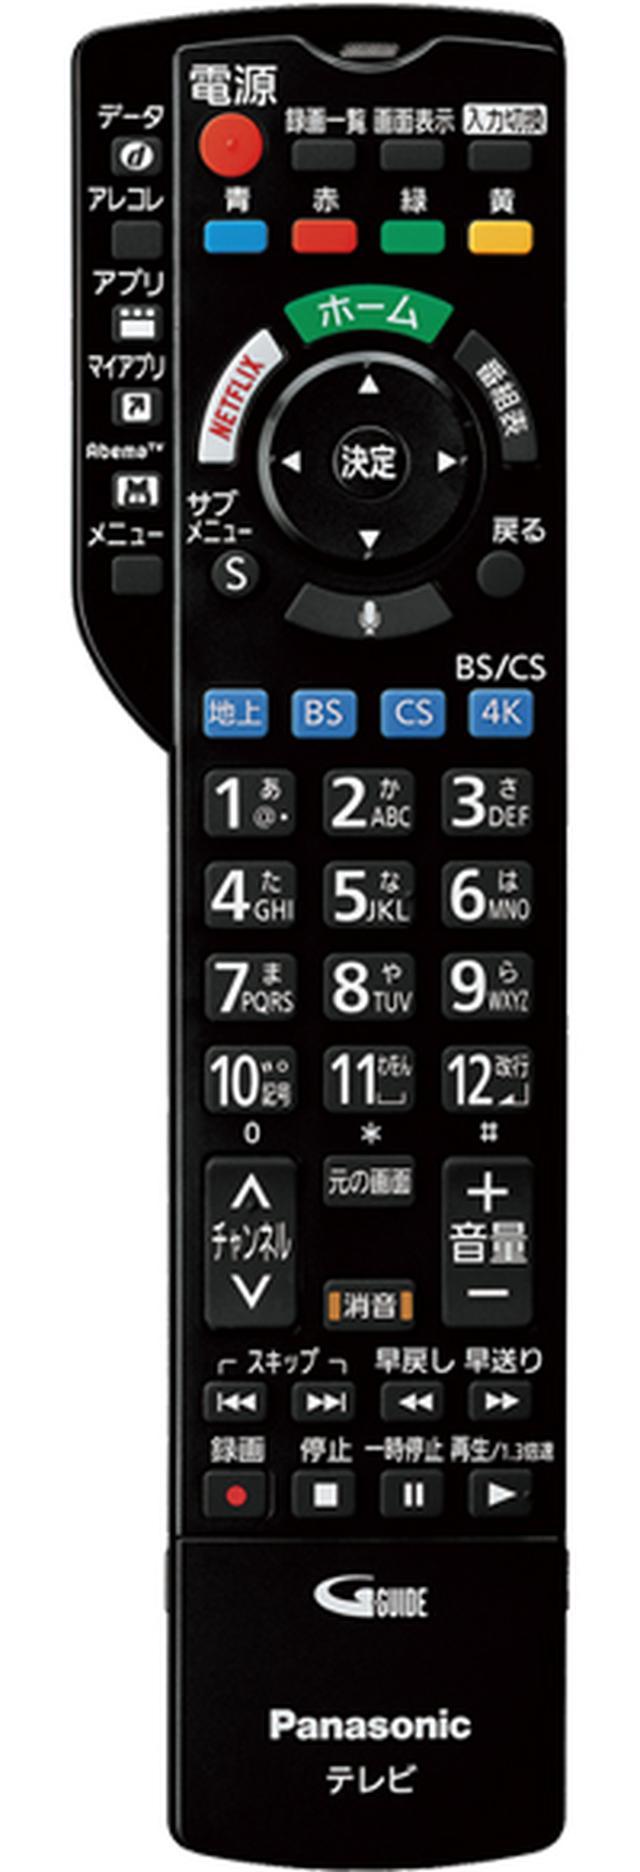 画像5: 【4Kテレビのおすすめ】2K/4K変換処理の性能がアップ!評価の高い15機種を徹底比較